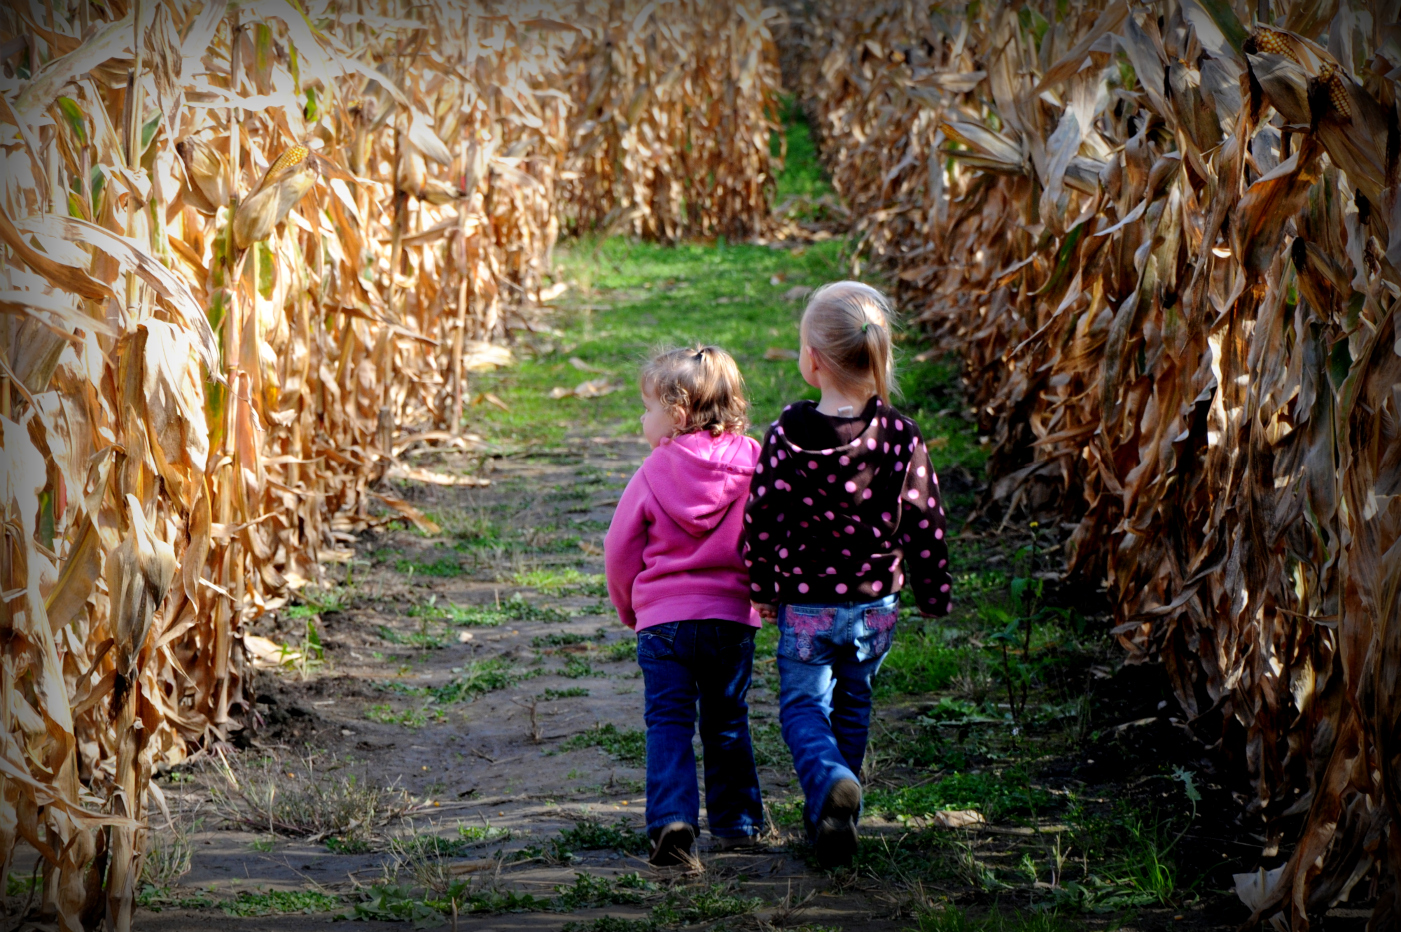 Girls Walking In Corn Maze